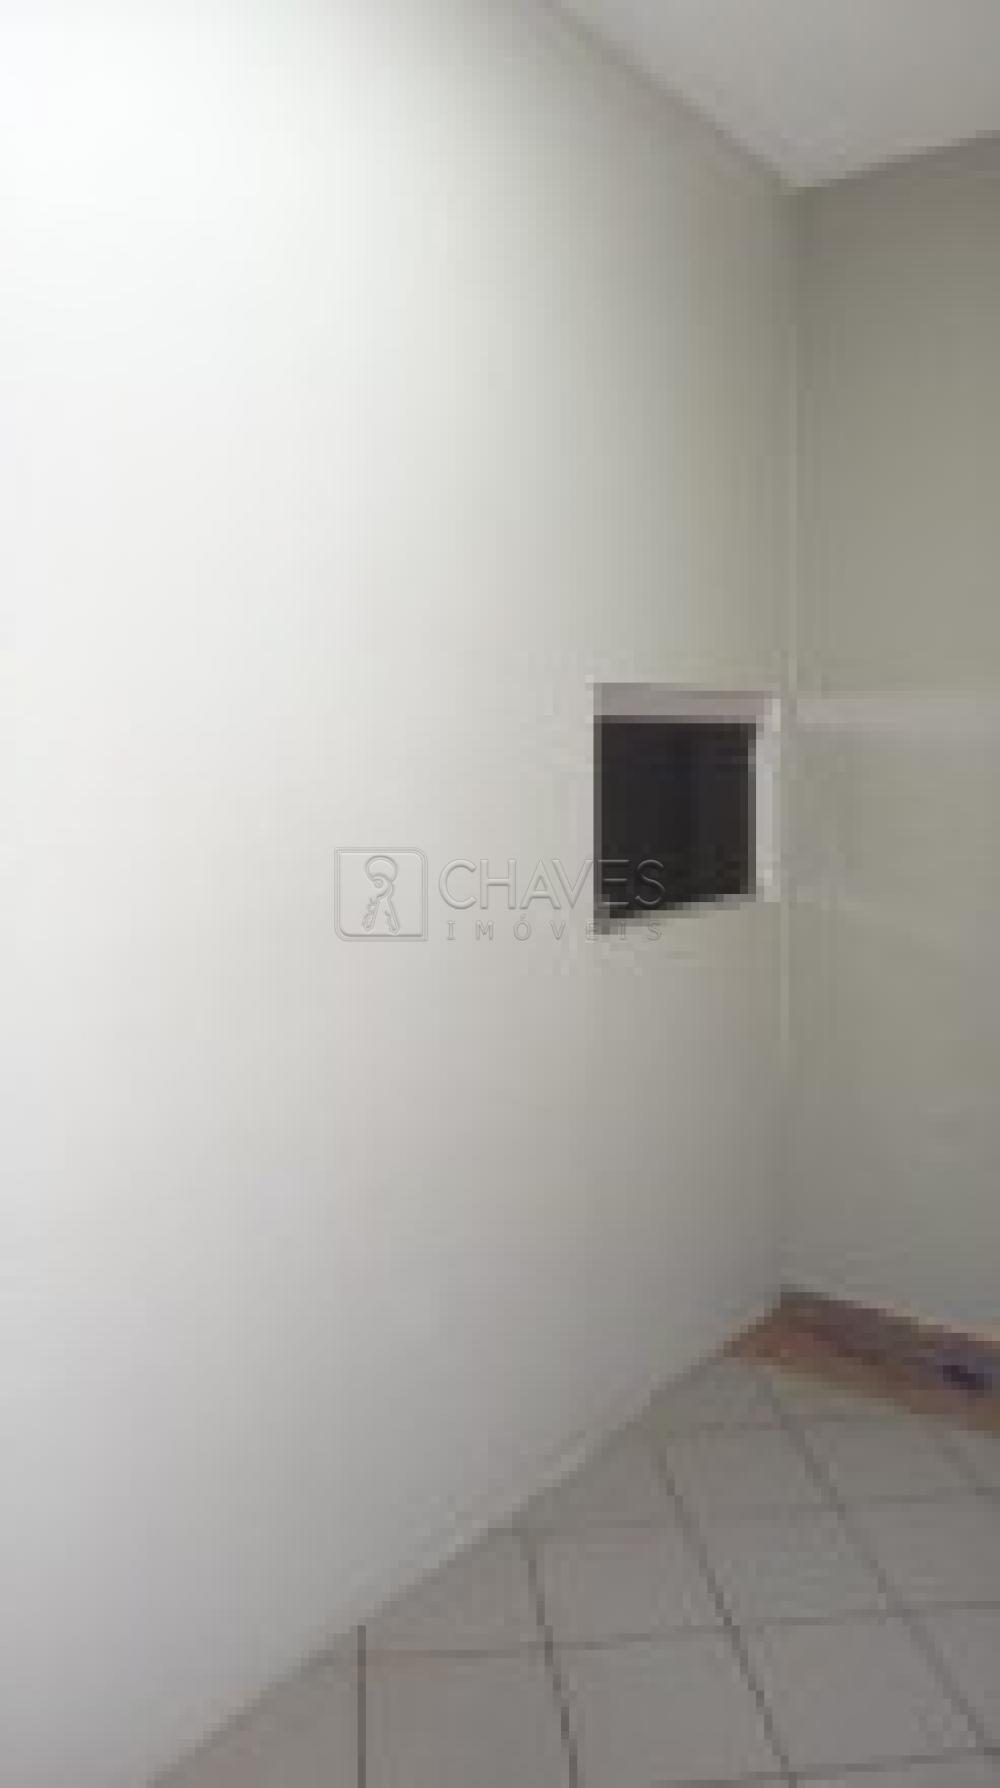 Alugar Comercial / Sala em Condomínio em Ribeirão Preto R$ 670,00 - Foto 2